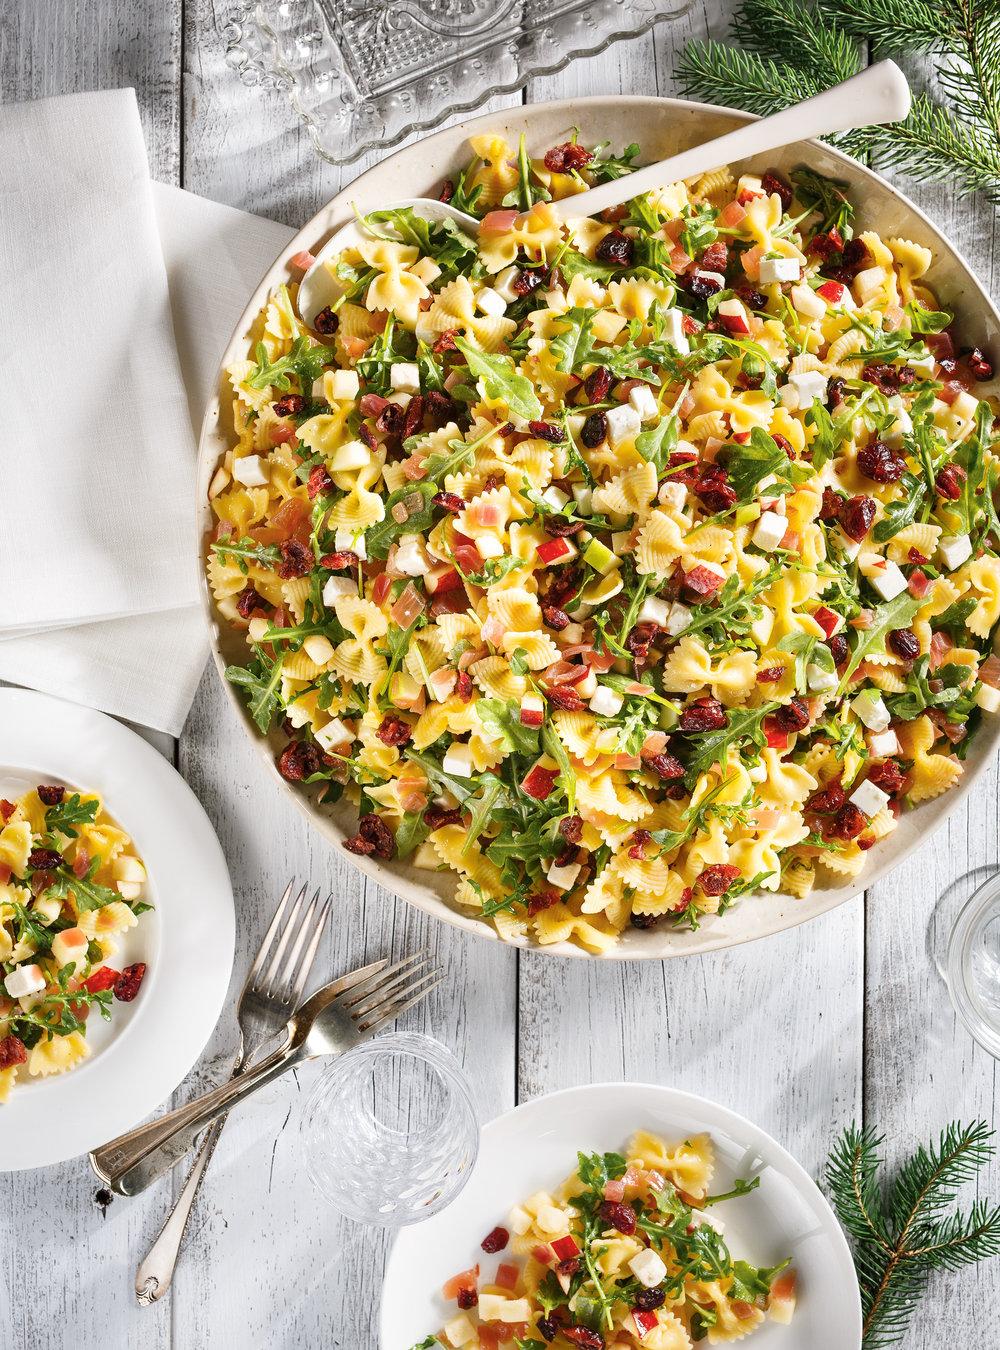 Salade de farfalles aux pommes, aux canneberges et à la feta ...